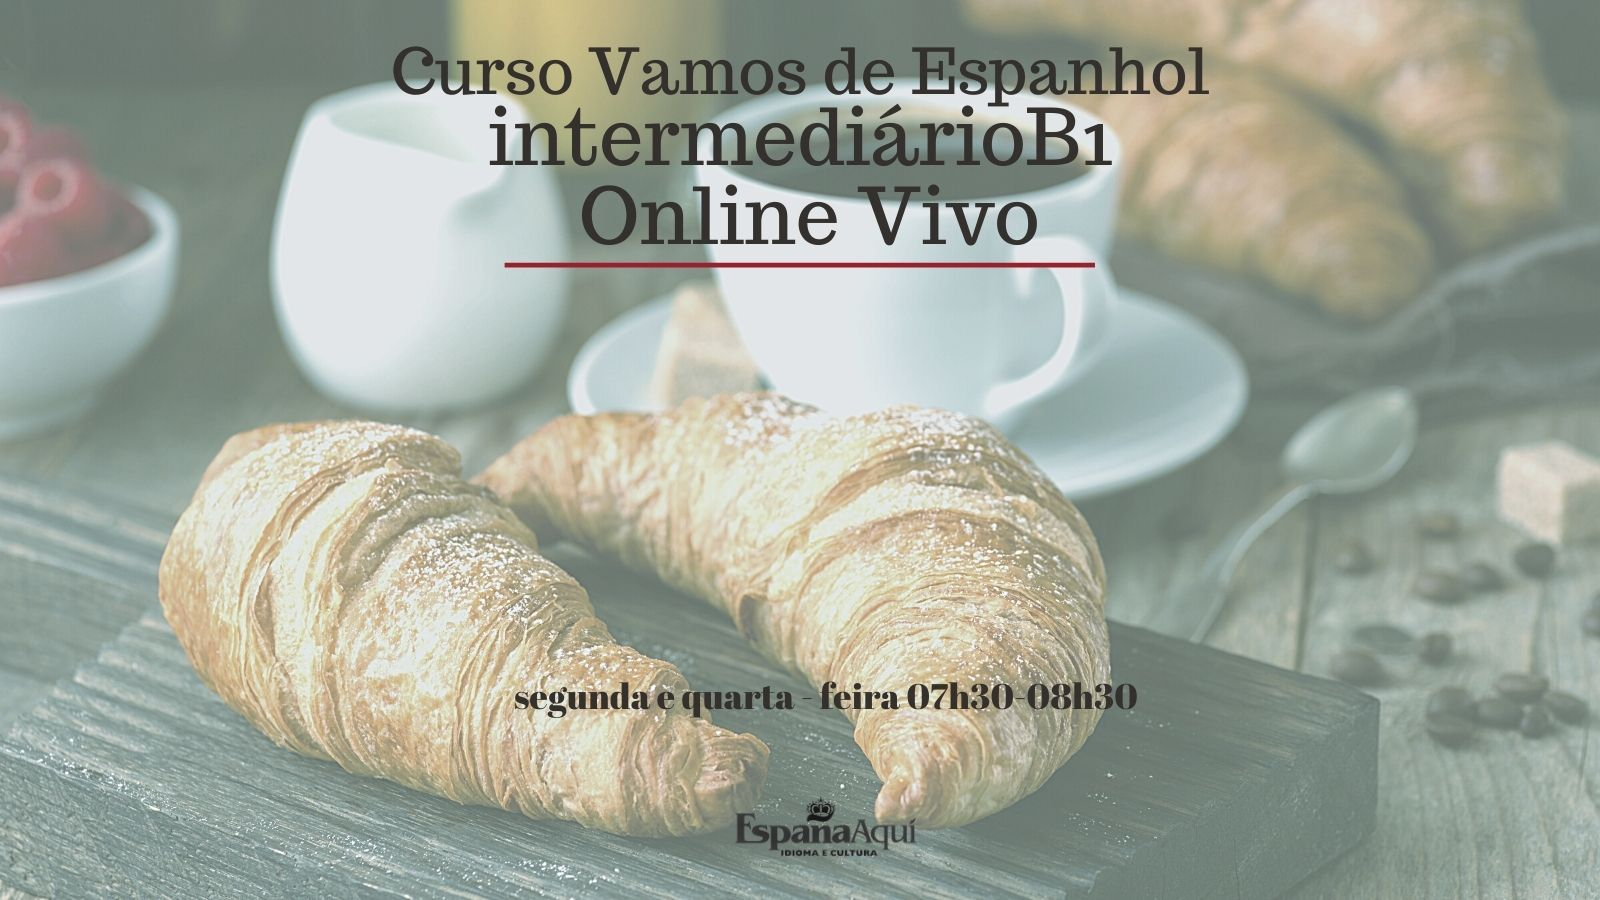 http://www.espanaaqui.com.br/pdf/fevereiro%202021/C%c3%b3pia%20de%20priorit%c3%a1rio.%20%20intermedi%c3%a1rio%20B1%2022%20fev.jpg